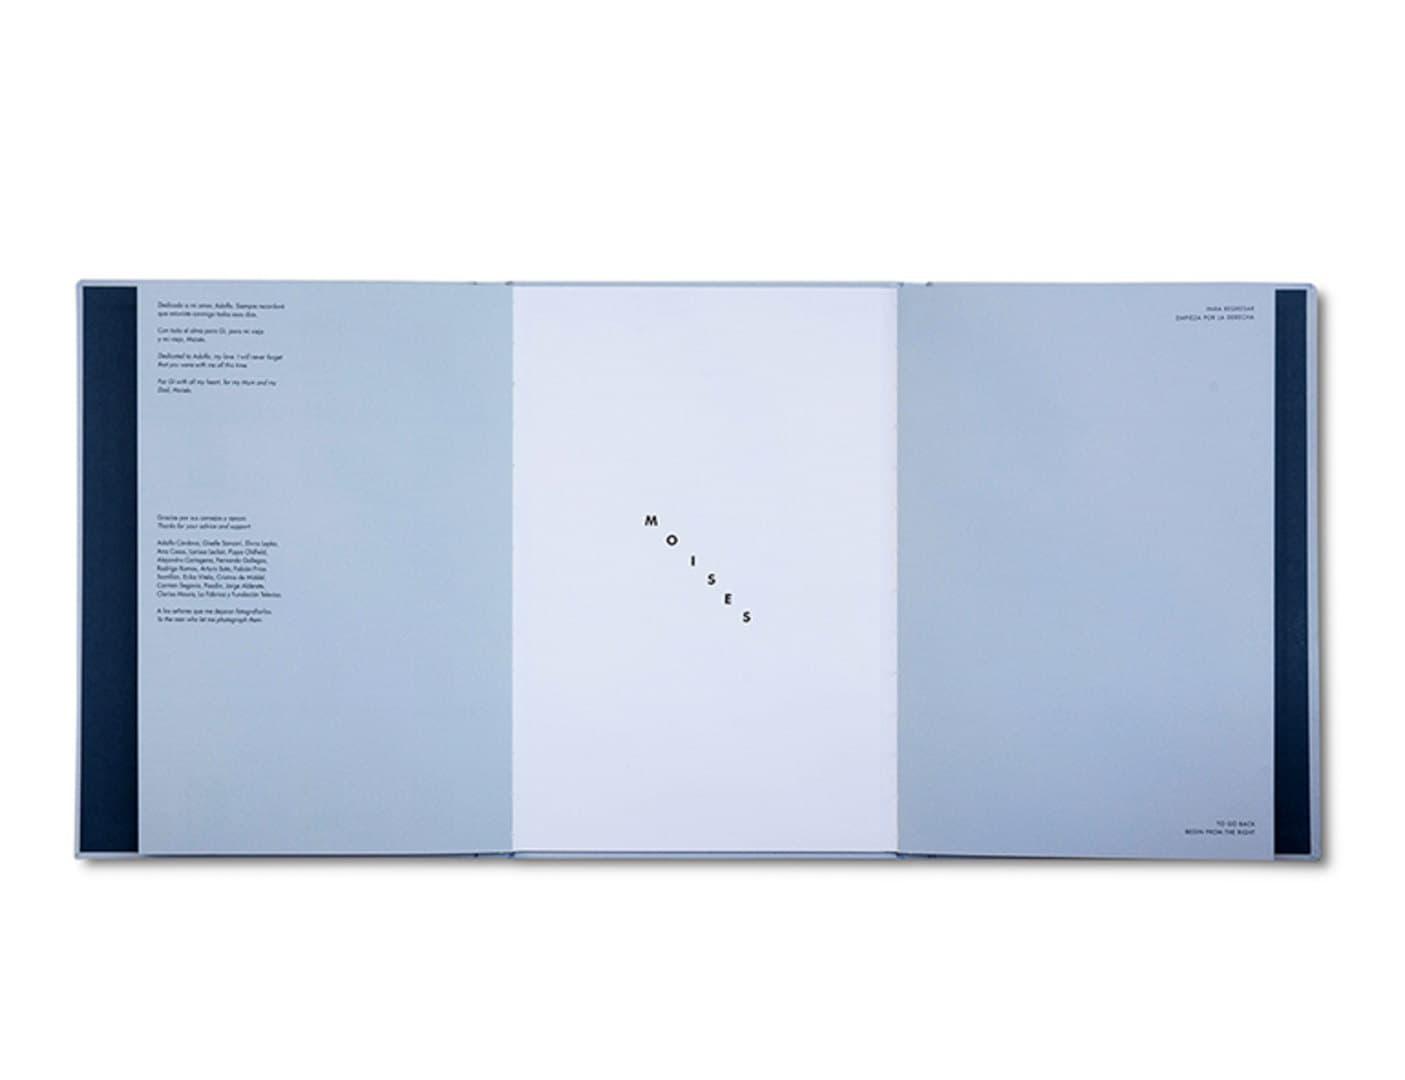 011-moises_book